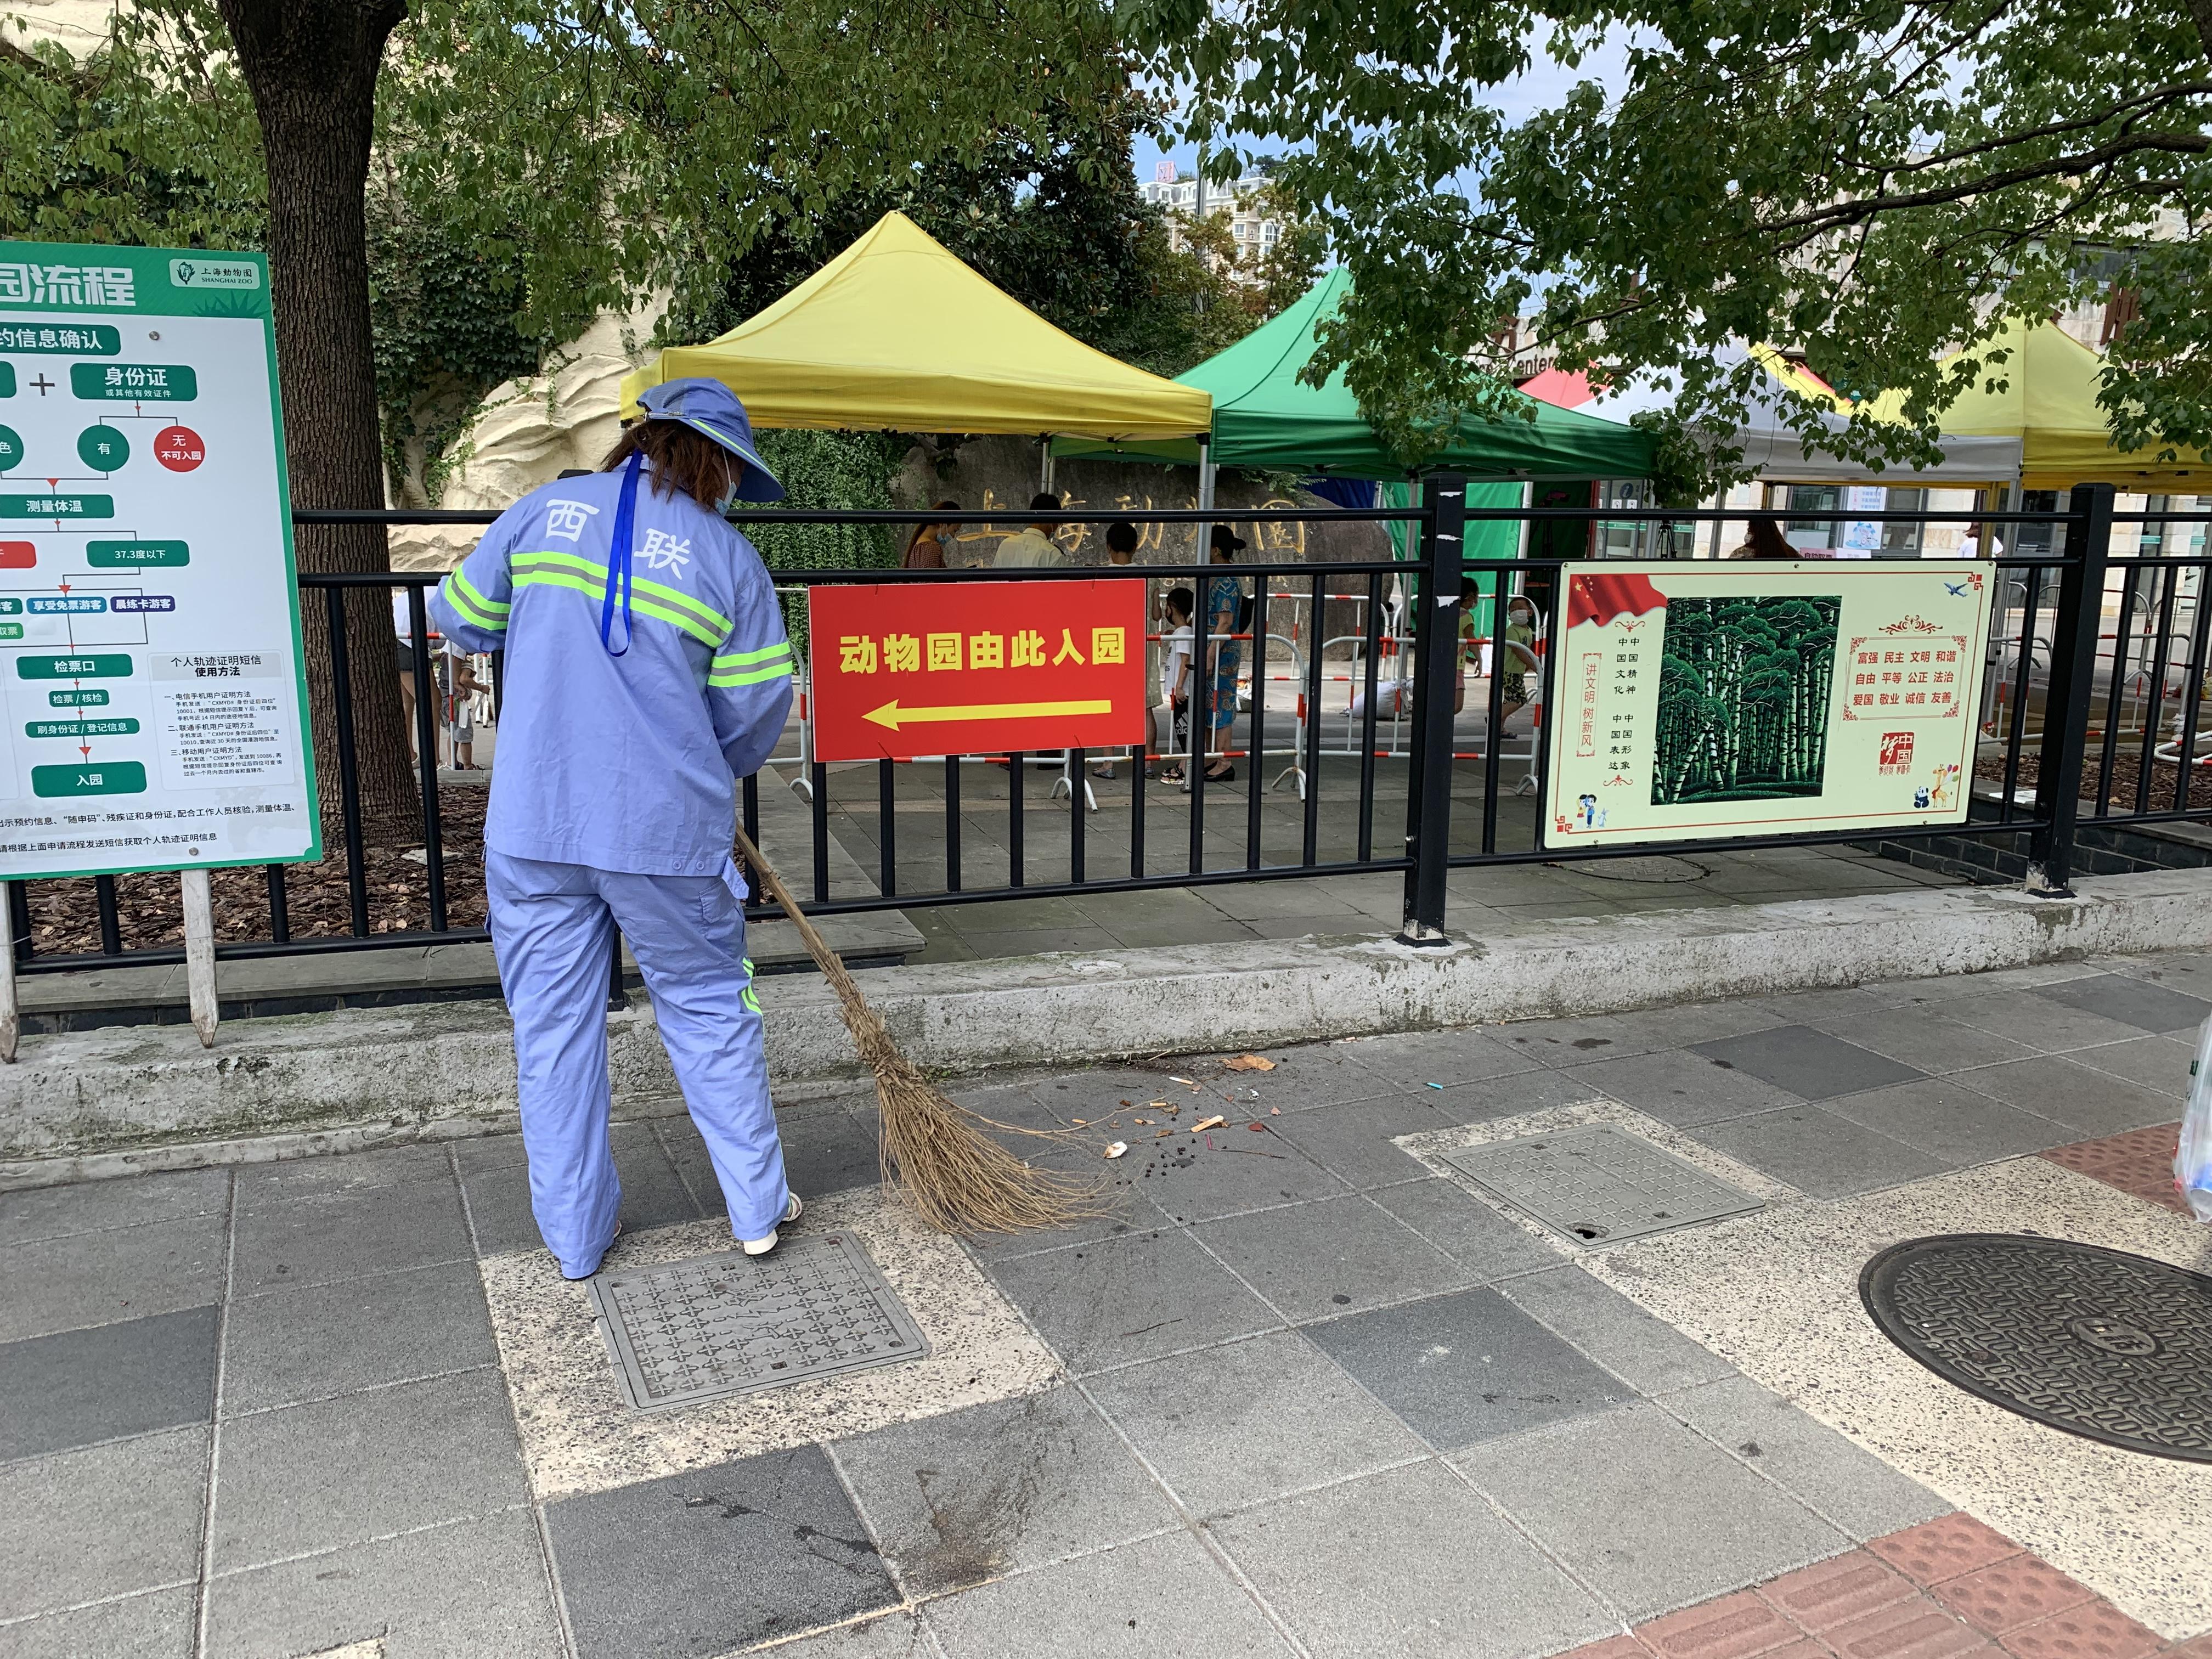 环卫工人张玉梅在清扫人行道。澎湃新闻记者栾晓娜摄